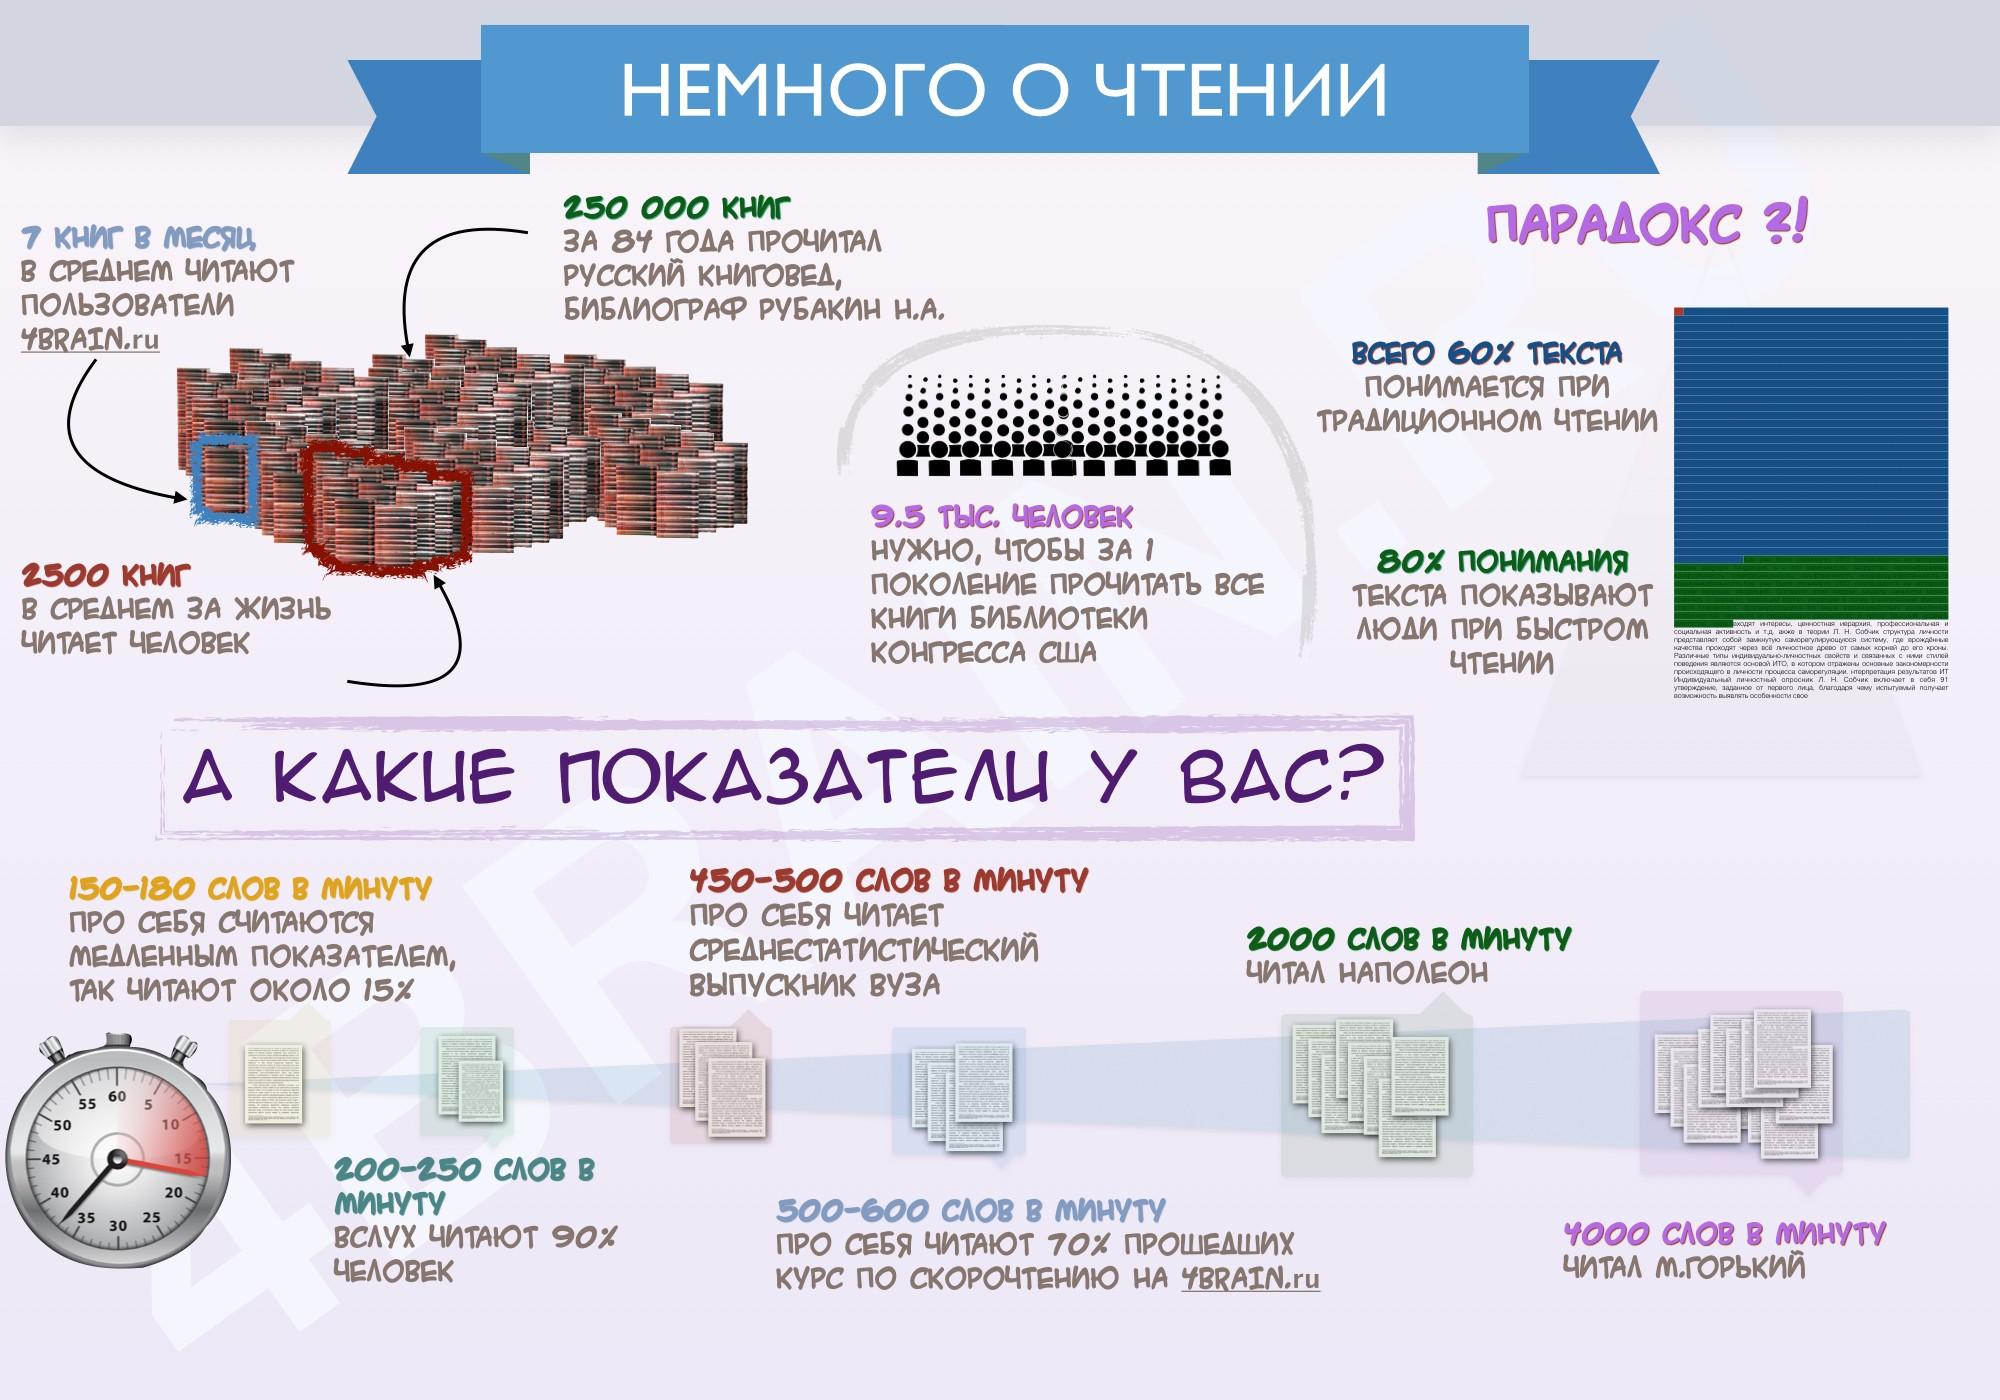 Инфографика о скорочтении